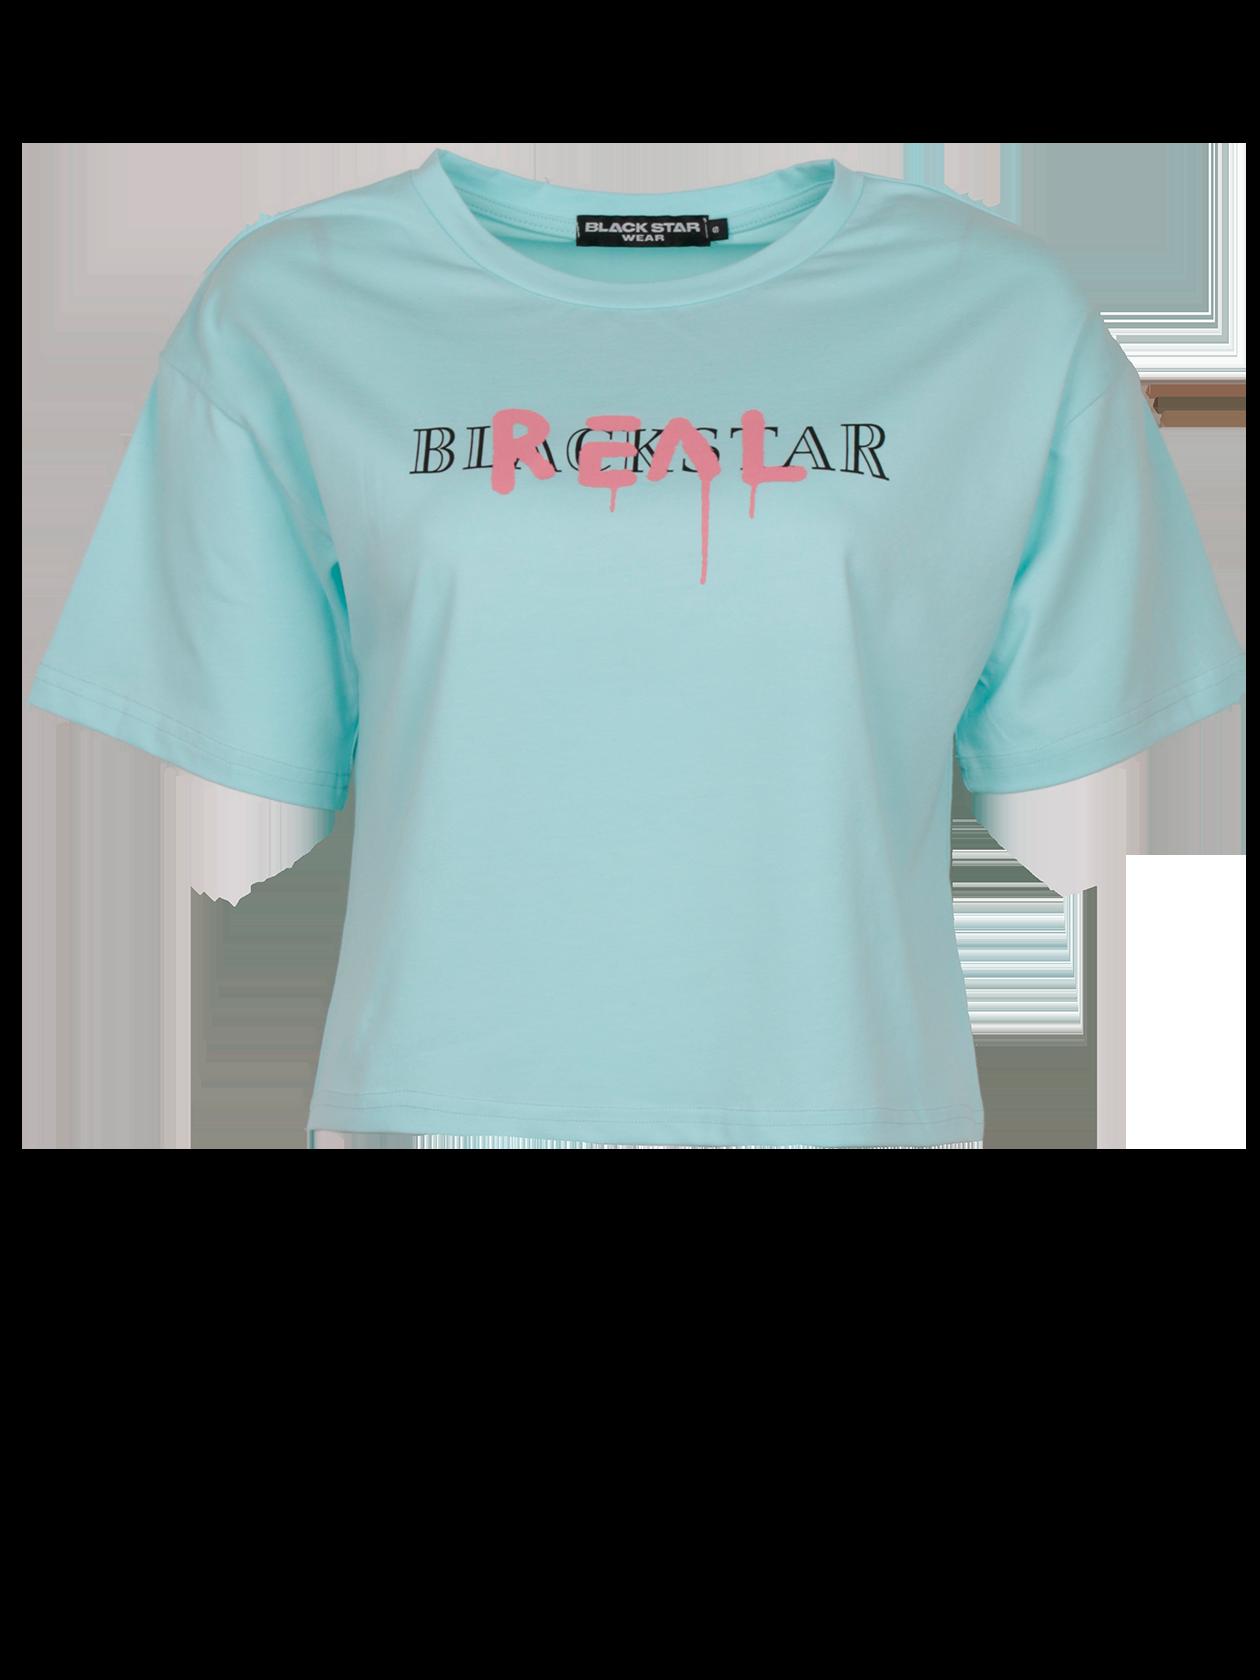 Футболка женская REAL BSСтильная женская футболкаREAL BS из новой коллекции Black Star Wear. Эта уникальная вещь покорит своим современным эффектным кроем. Модель свободного кроя с прямыми линиями, округлой горловиной, коротким рукавом и заниженной линией плеча. Сделает любой образ ярким и неповторимым.На груди яркий и в то же время не броский принт Black Star Real. Изделие изготовлено из натурального хлопка премиального качества. Станет не заменимой и любимой вещью женском гардеробе. Модель представлена нежном ментоловом цвете.<br><br>Размер: S<br>Цвет: Ментоловый<br>Пол: Женский